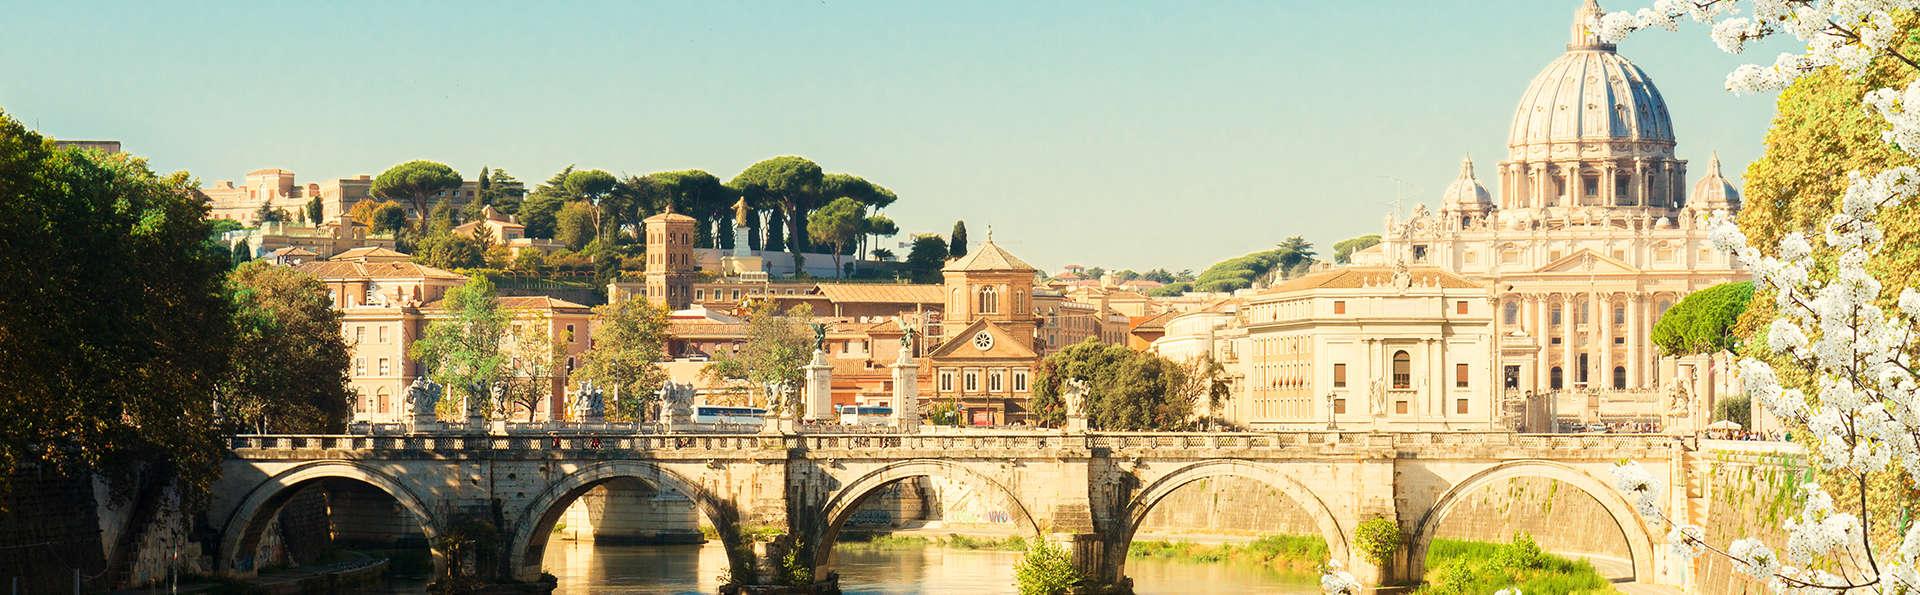 Hotel Dei Borgia Rome Italie